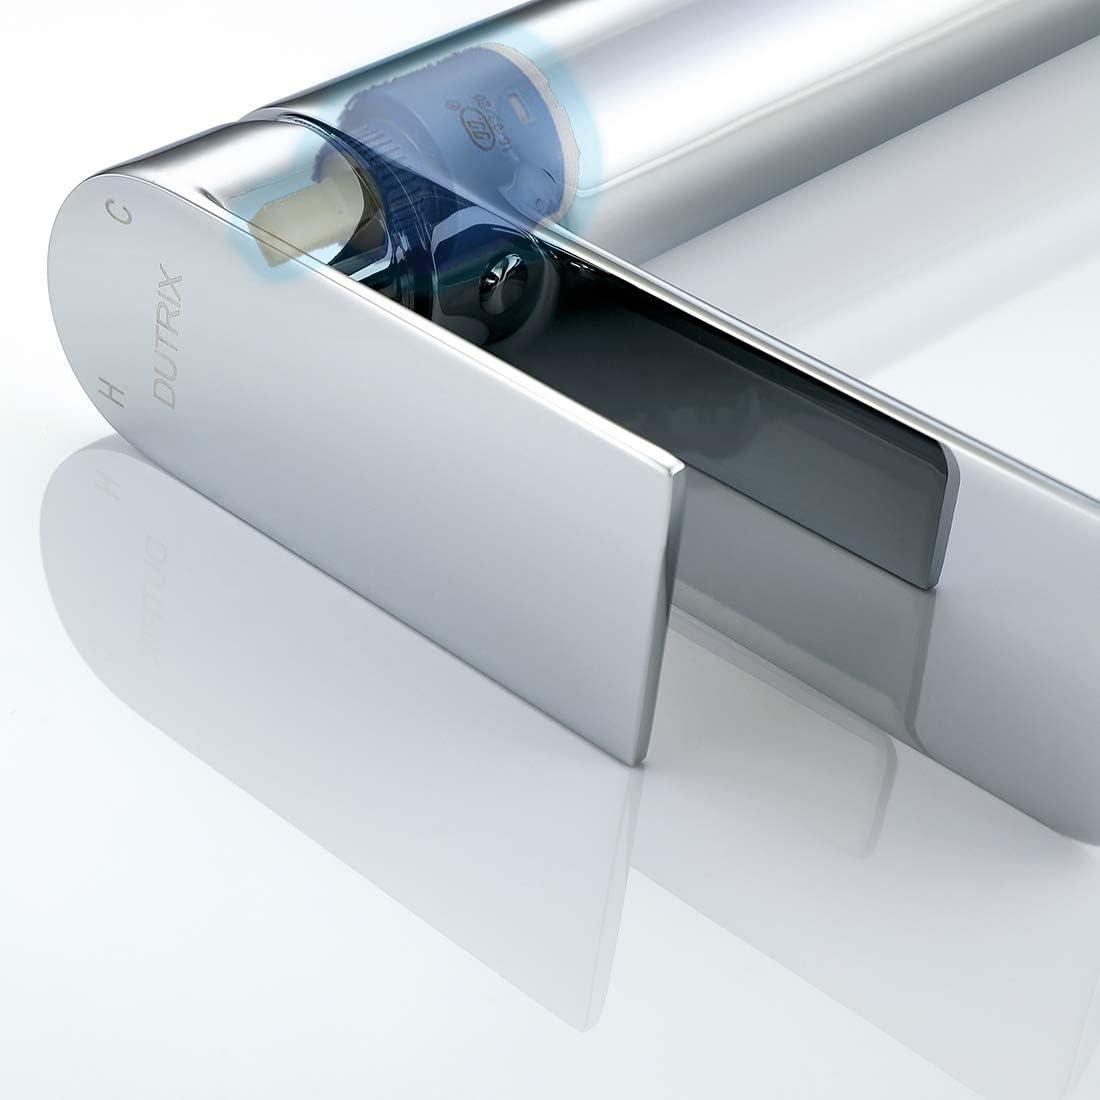 grifo de control dual fr/ío y caliente DUTRIX grifo de lavabo con Aireado de Pie Alto de lat/ón de ba/ño Superficie cromada